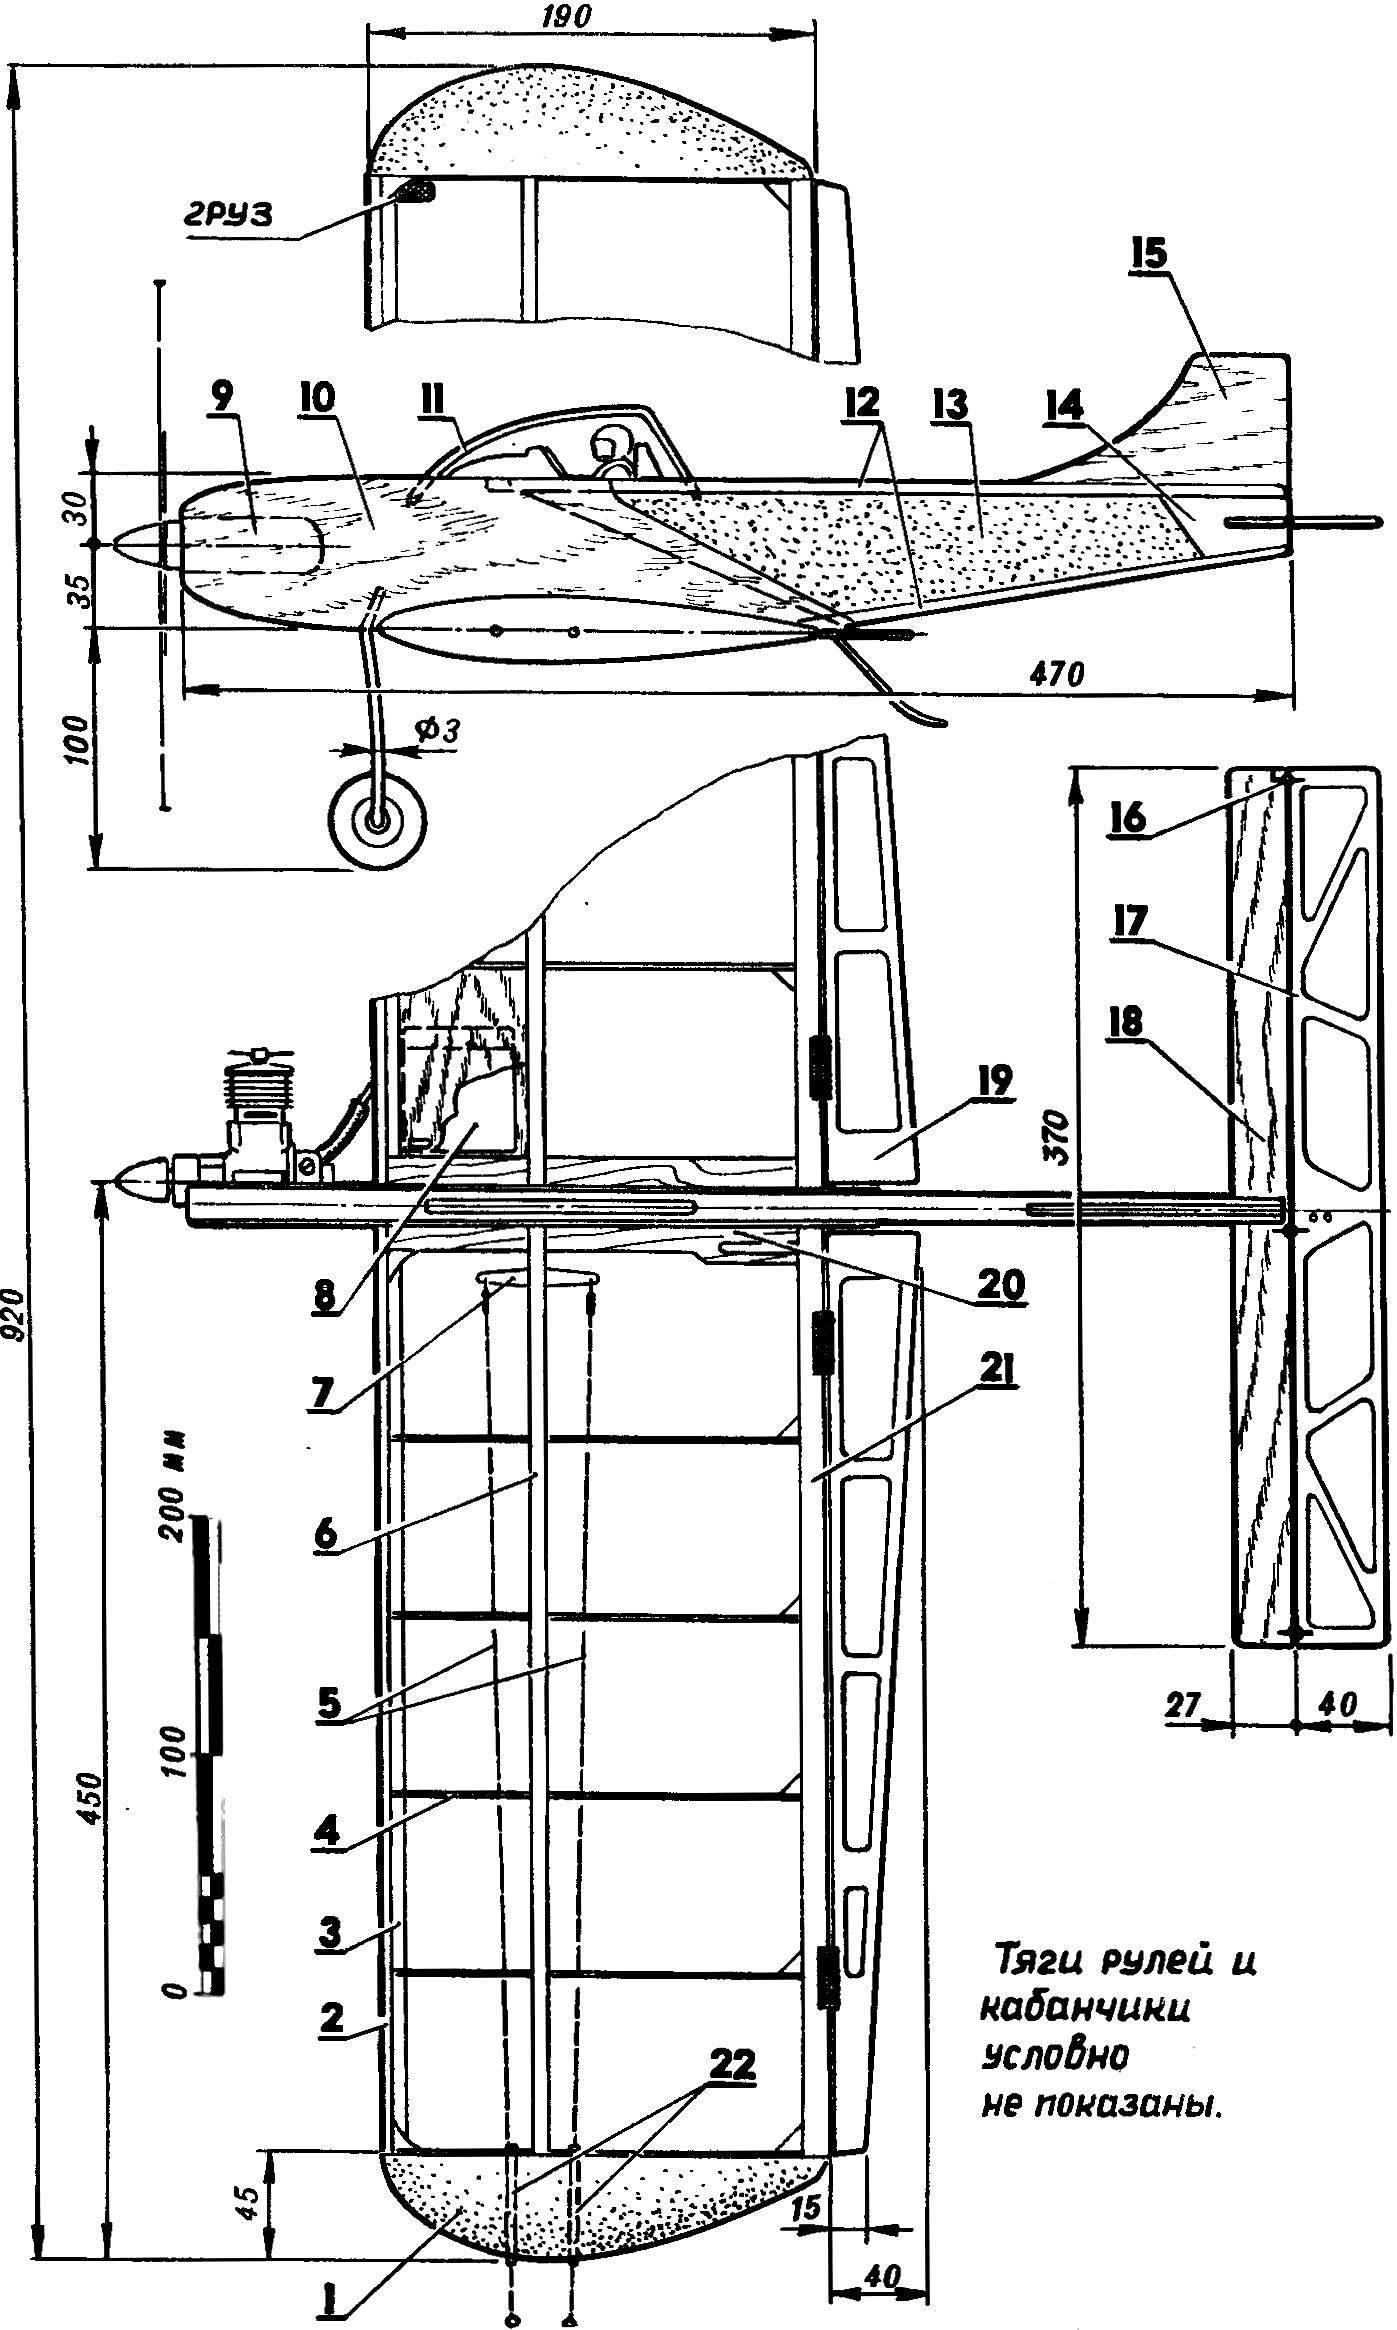 Рис. 2. Учебная пилотажная модель под двигатель МАРЗ-2,5.